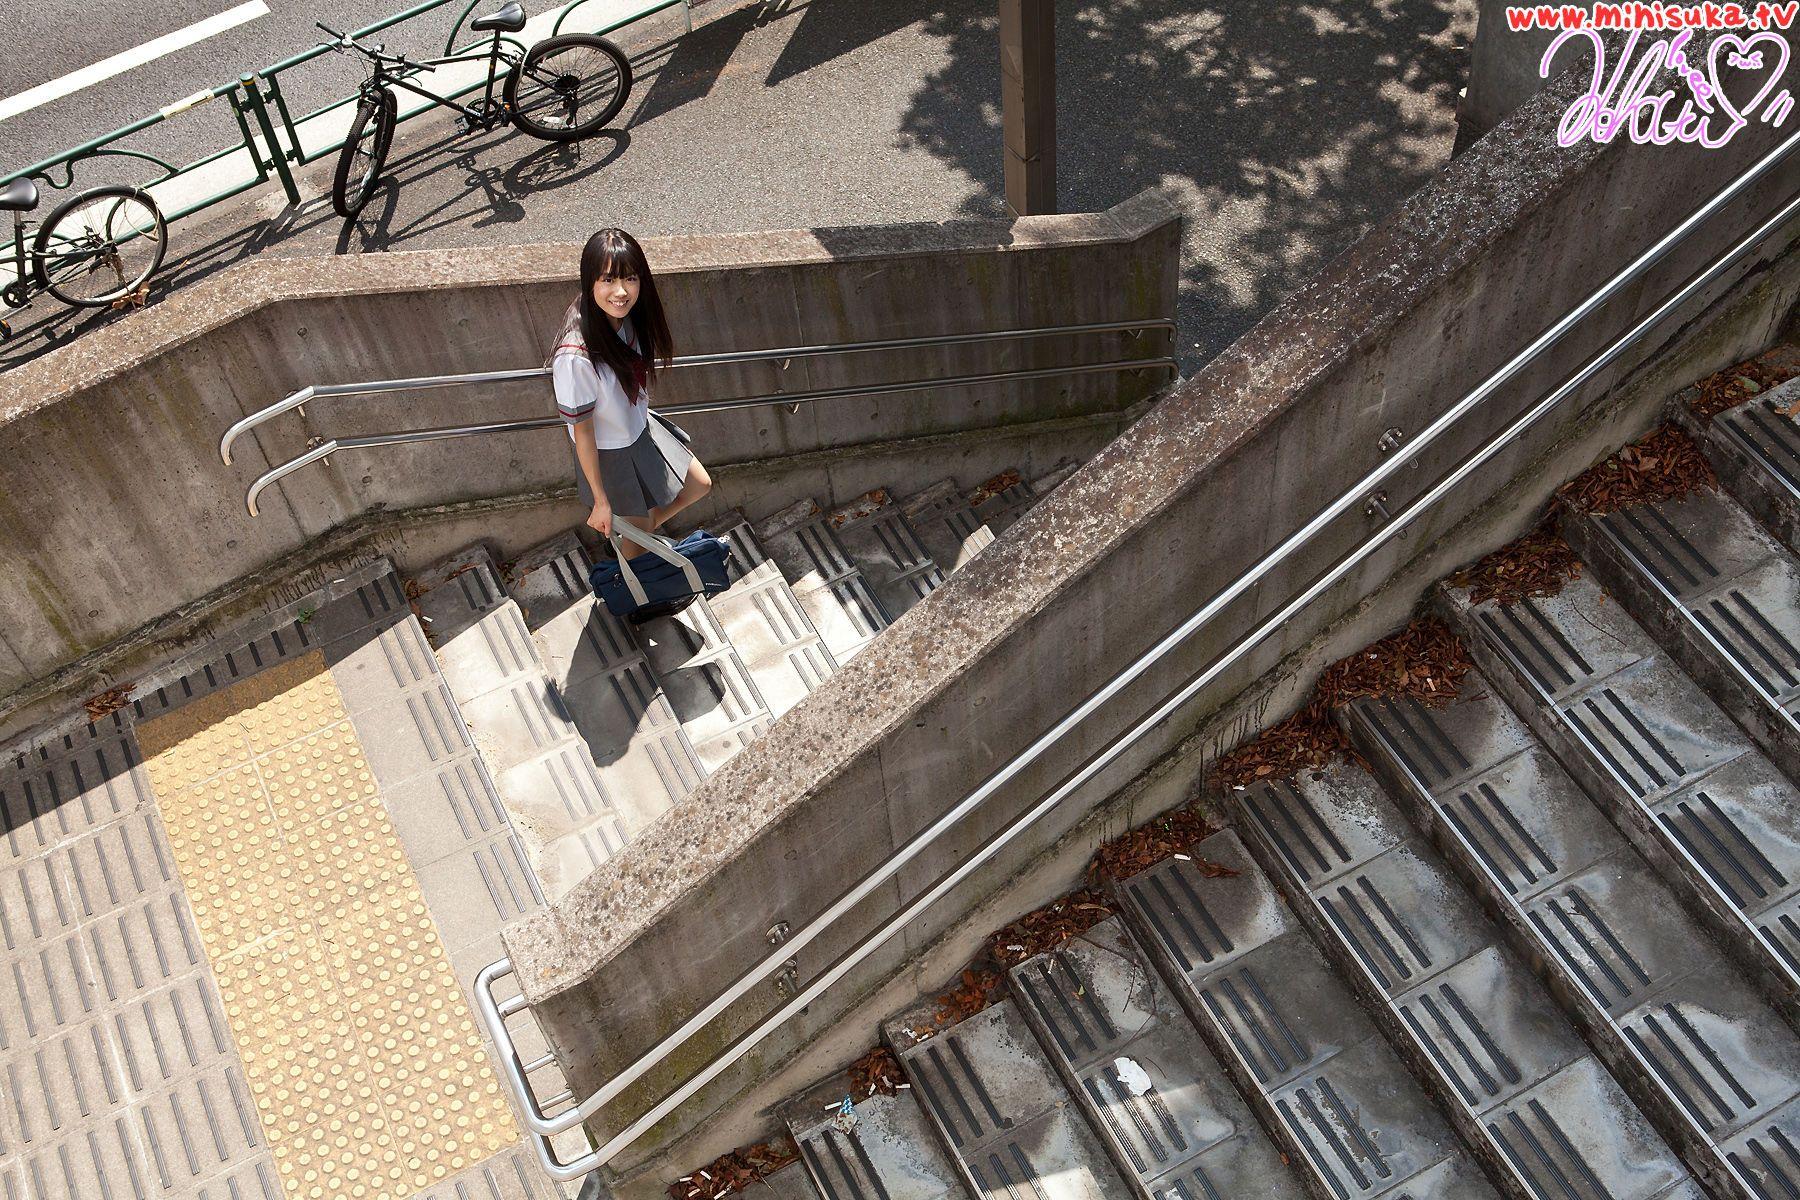 imouto.tv 小学生  imagesize:1800x1200 jp.mp4jpg.icu